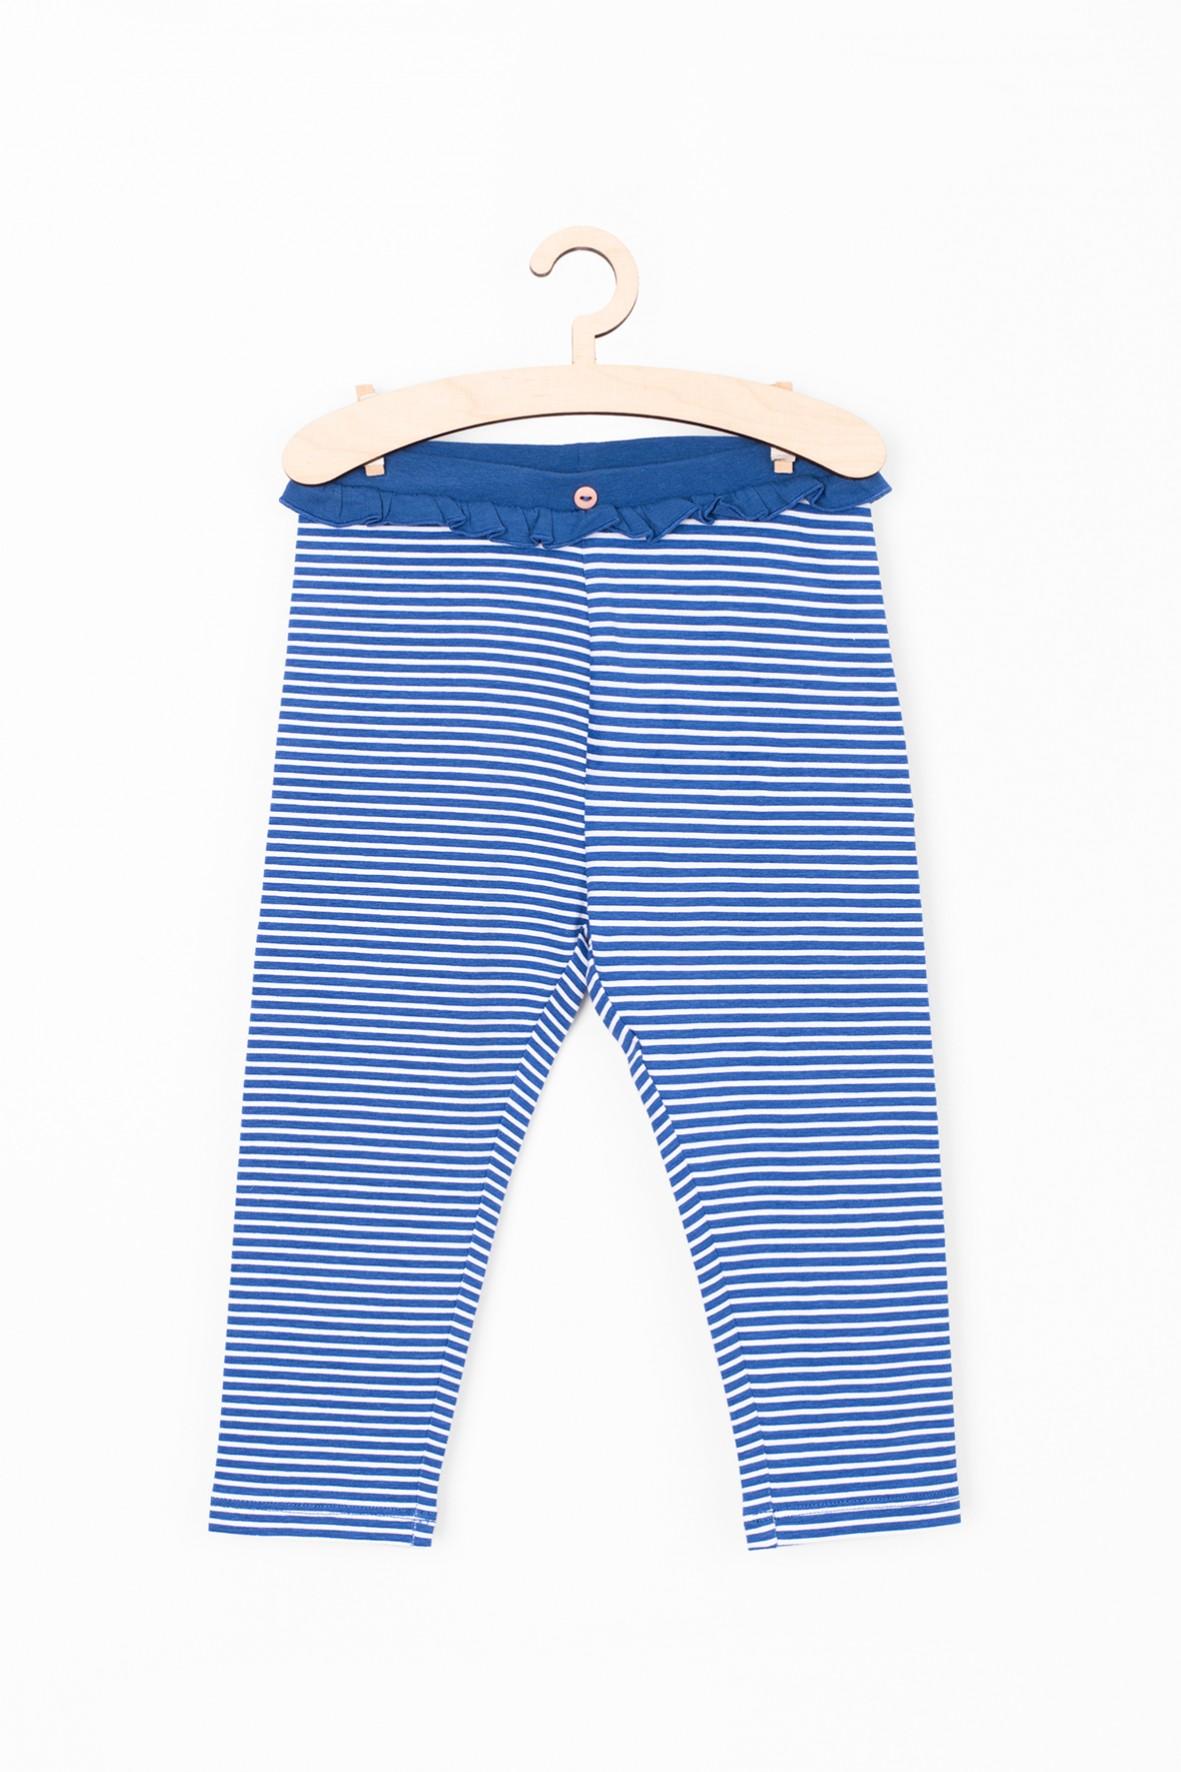 Leginsy niemowlęce w biało- niebieskie paski- miękkie i wygodne